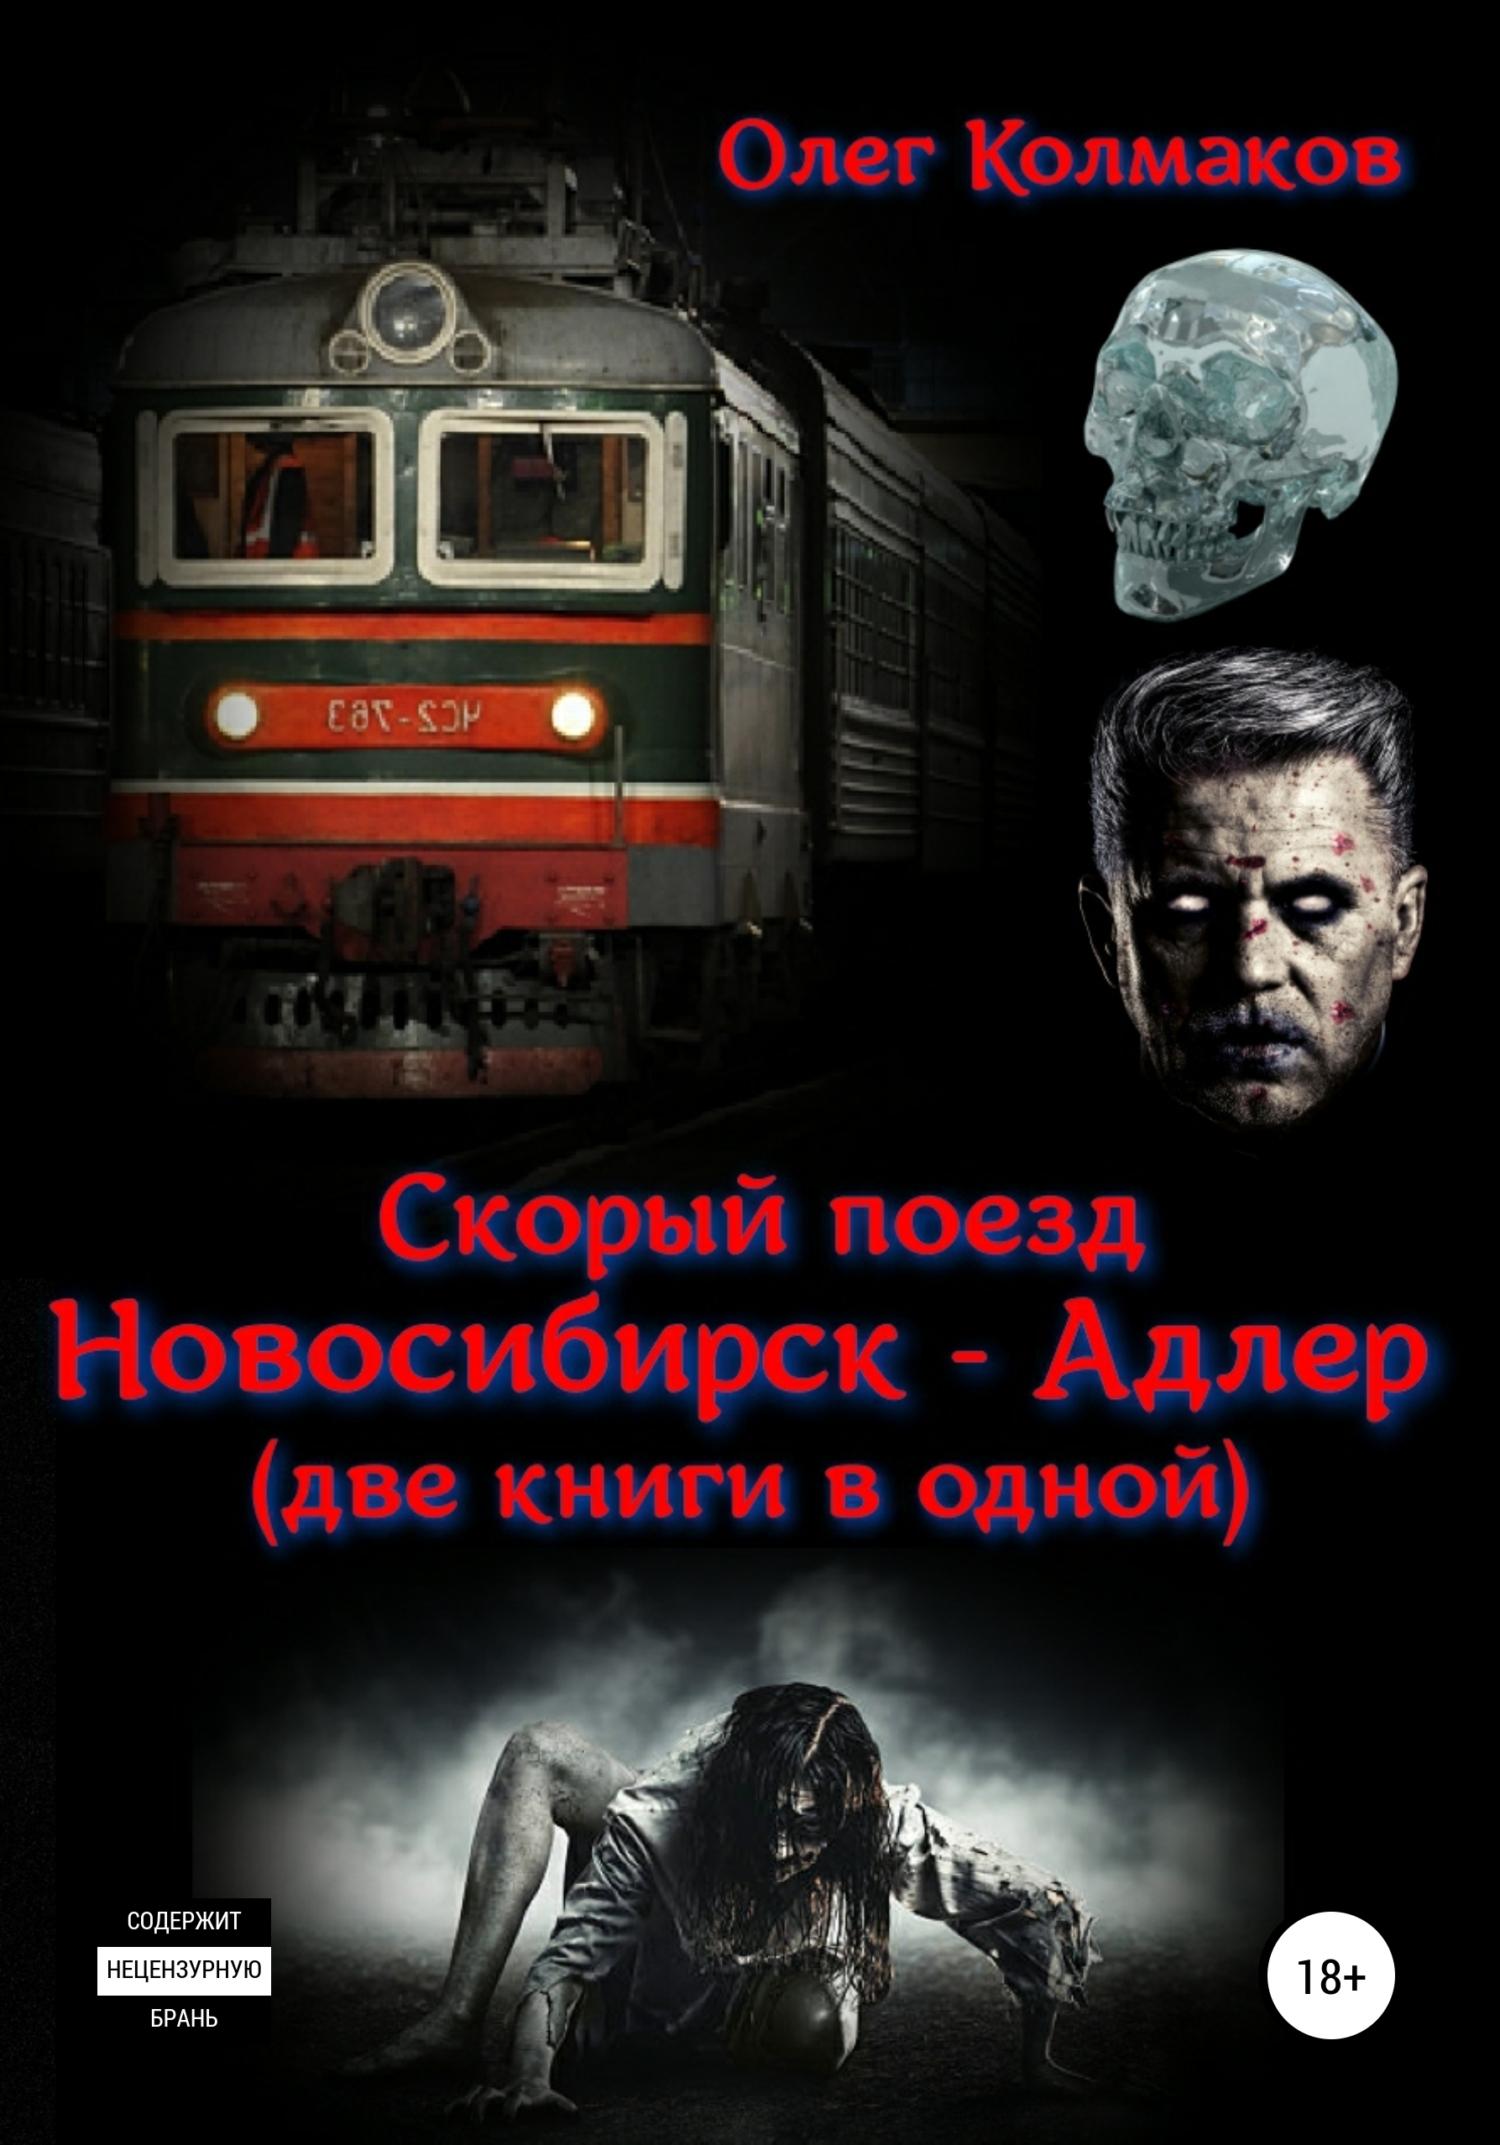 Олег Колмаков Скорый поезд «Новосибирск – » (две книги в одной)